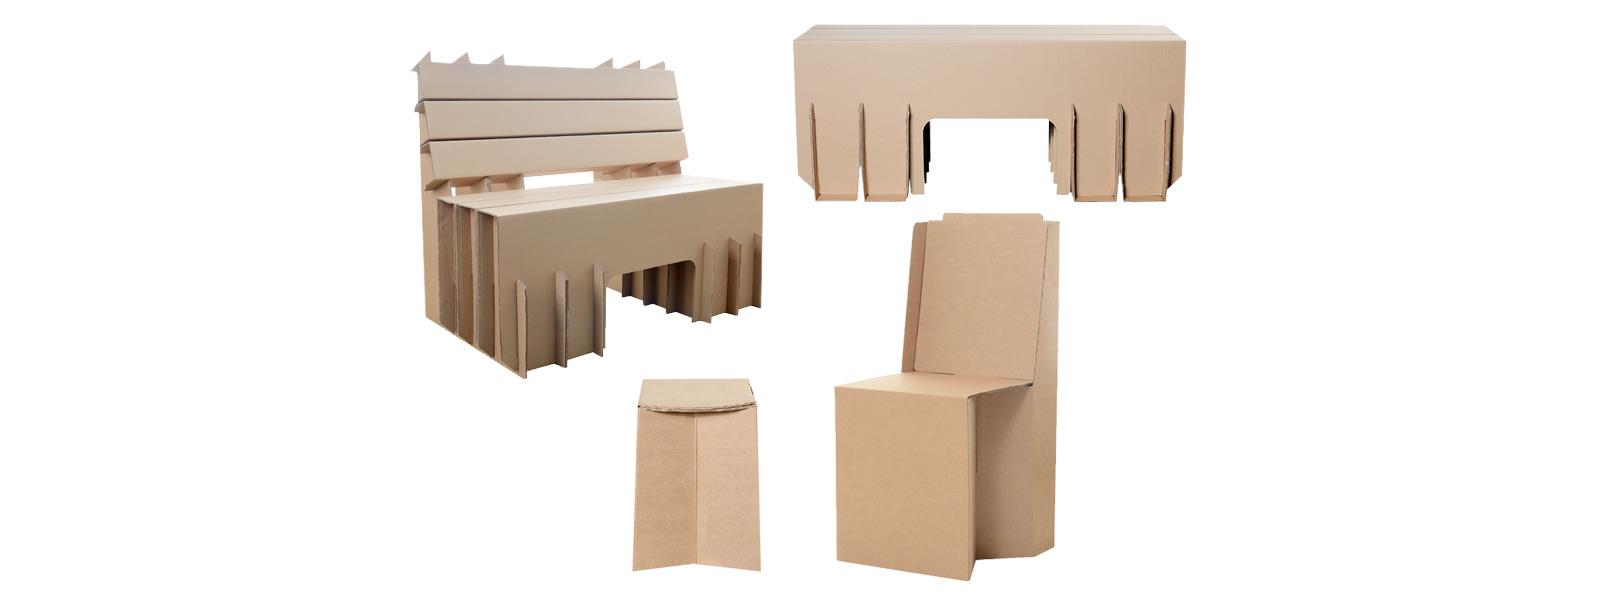 capa-bancos-e-cadeiras-papelao